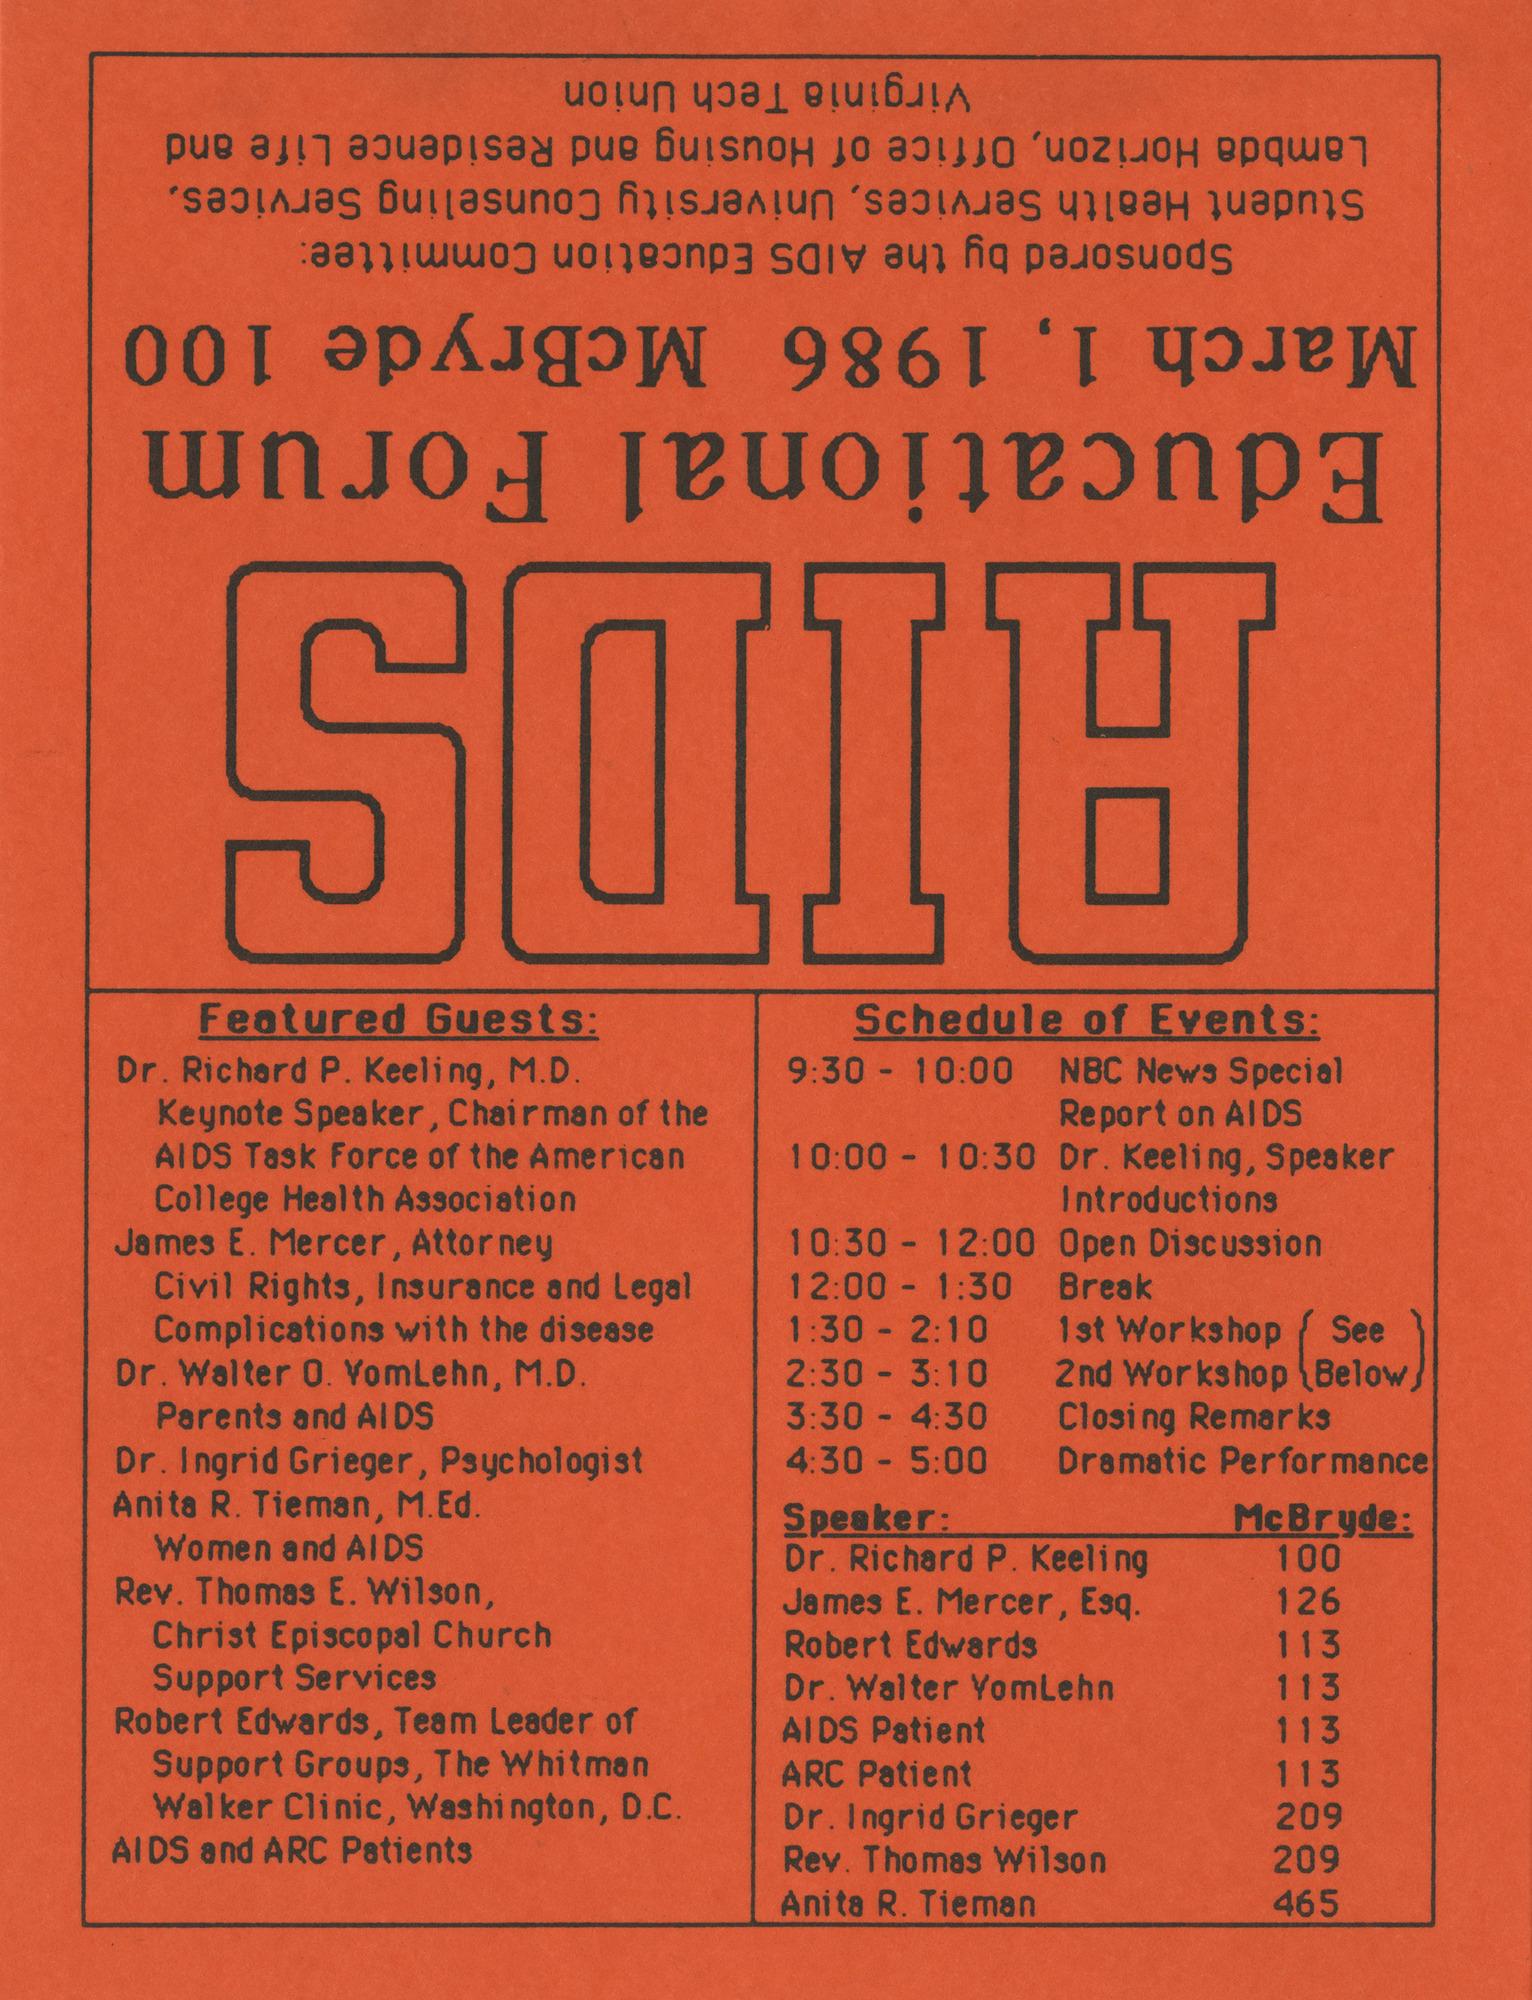 Ms2014-010_WeberMark_AdvetisementAIDSEducation_1986_0301.jpg